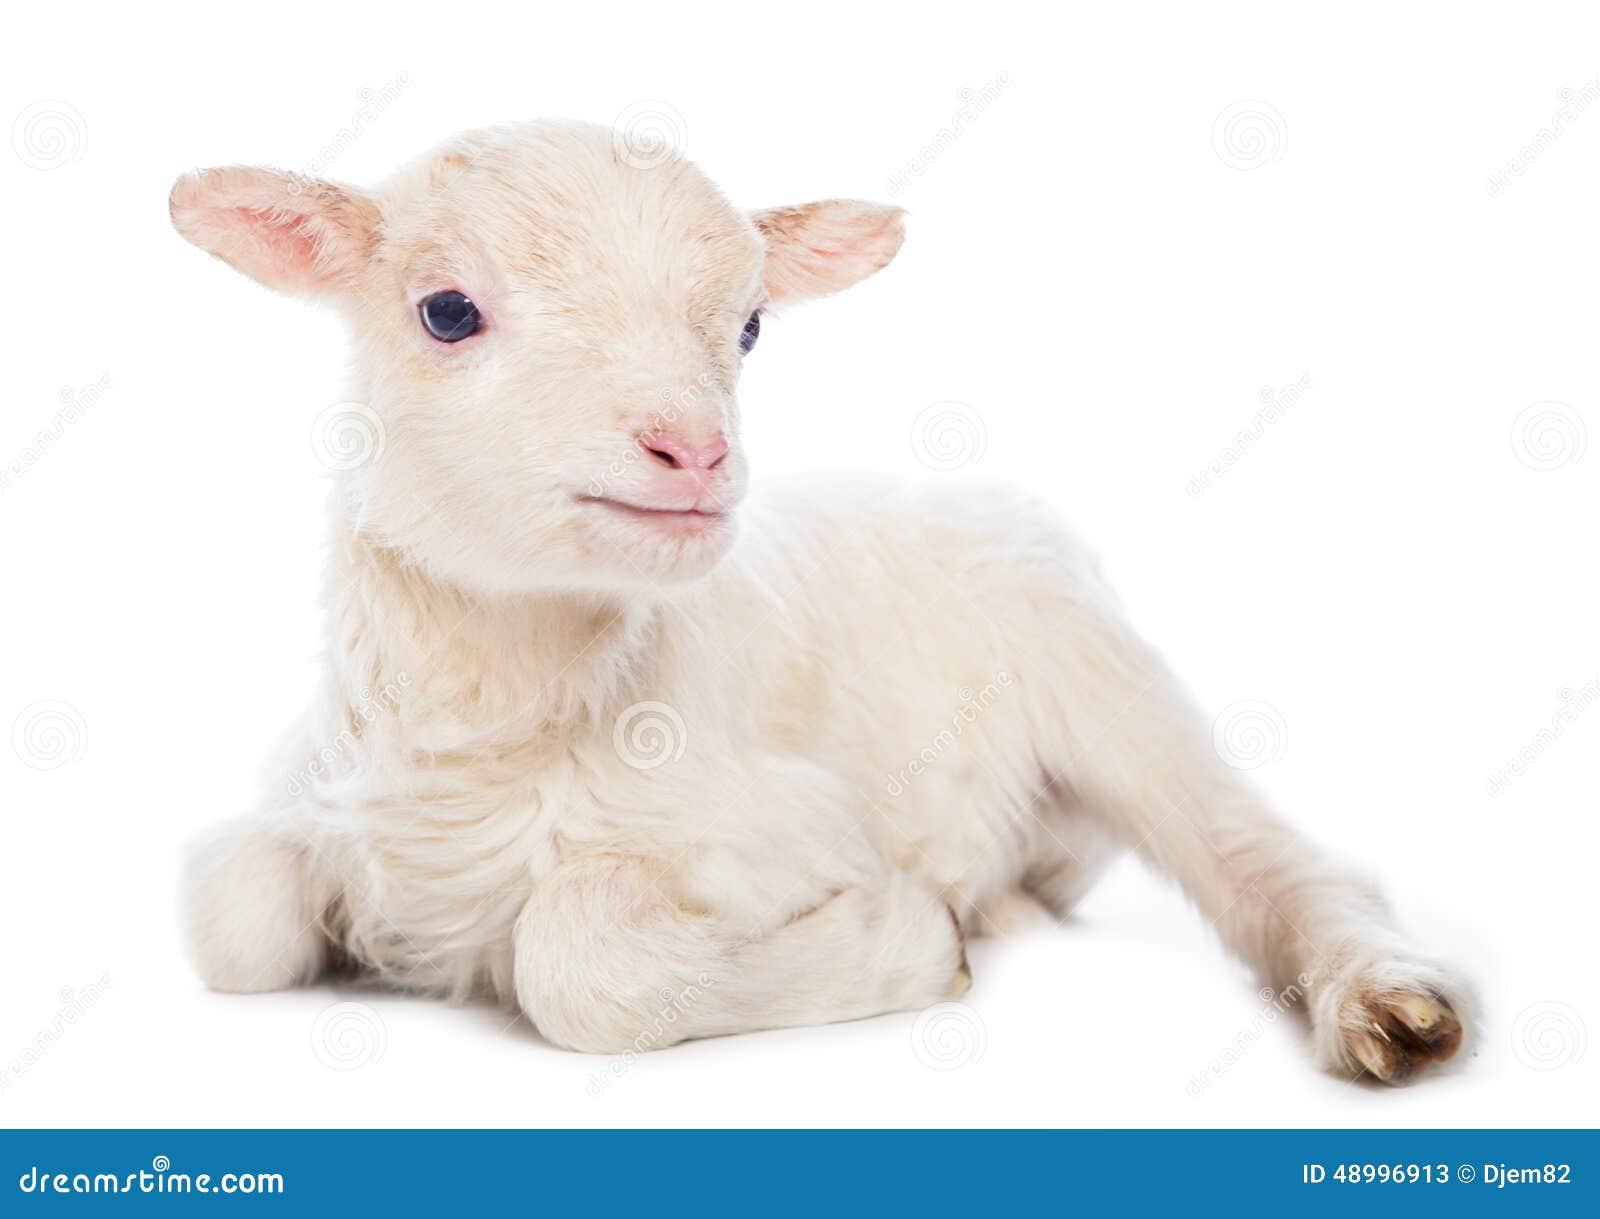 Lamb Web Design